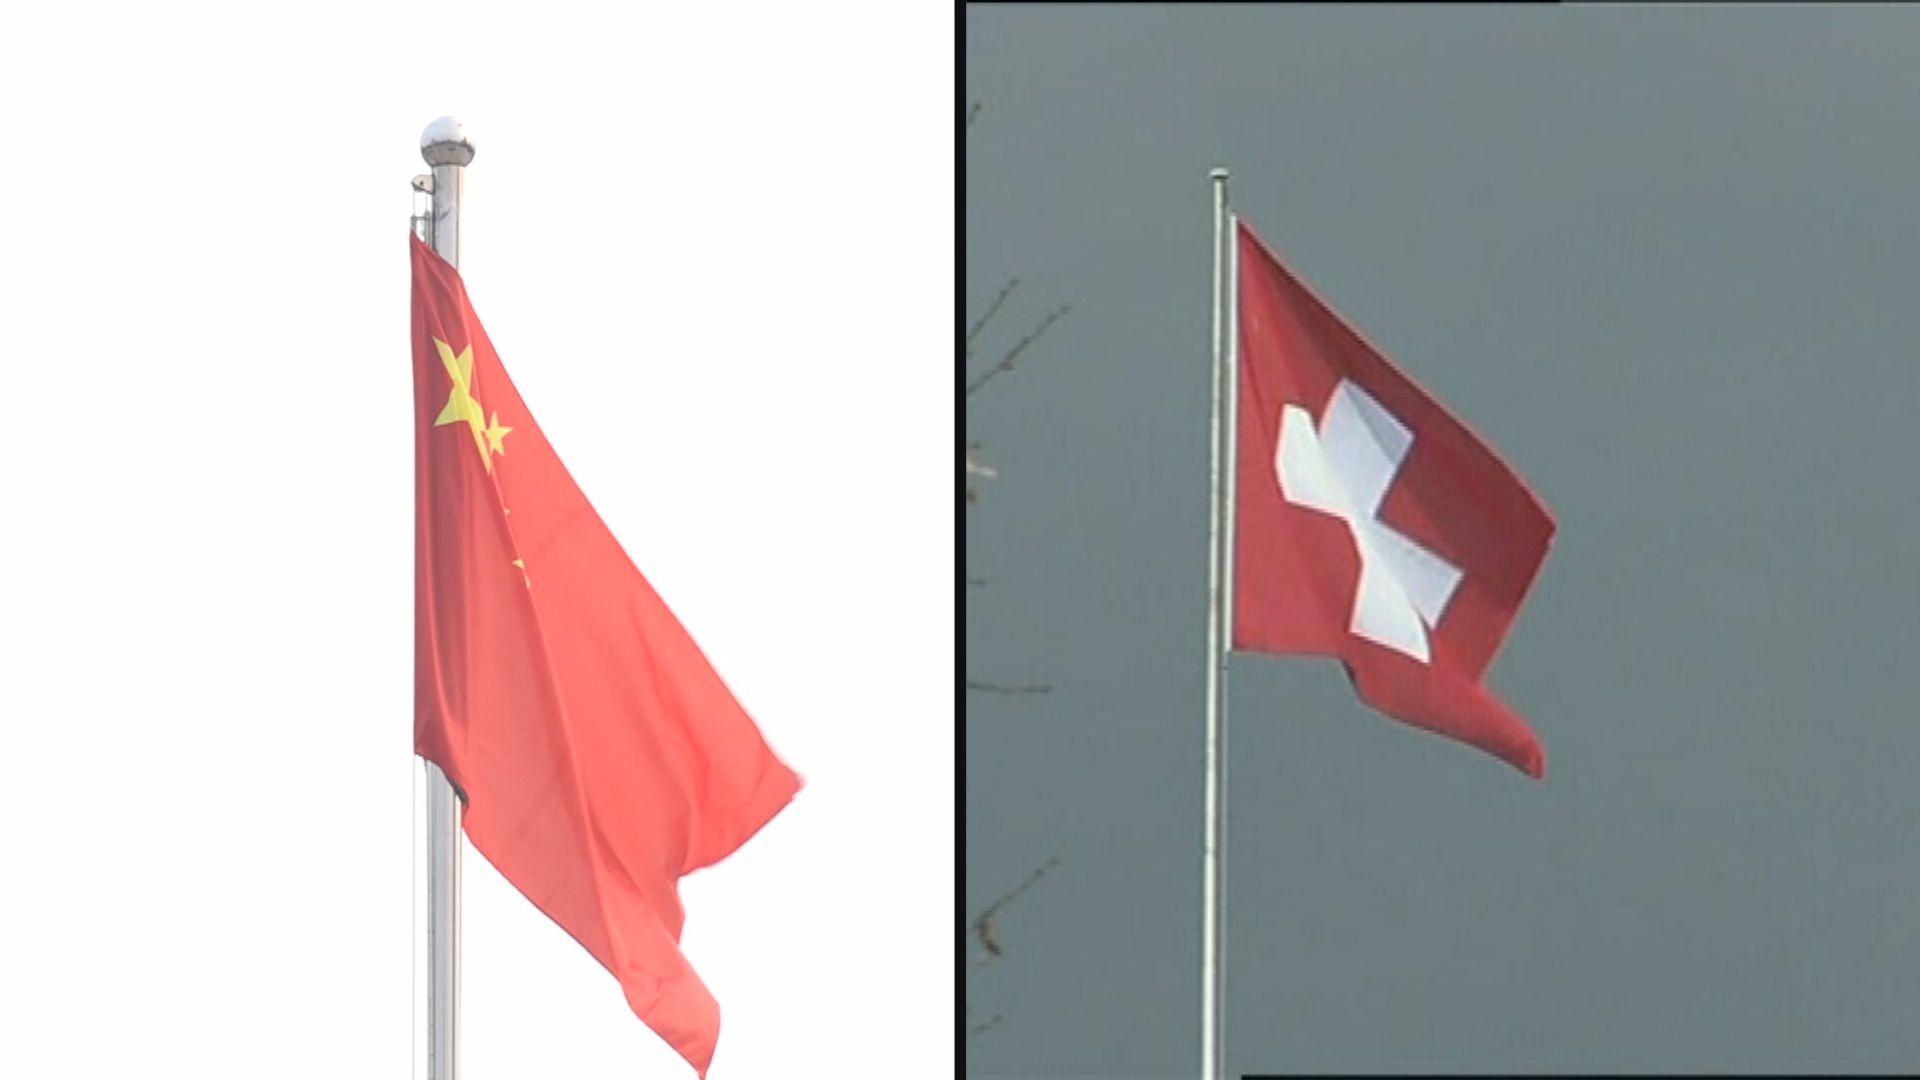 瑞士被指與中國2015年簽秘密協議 准公安部人員入境調查